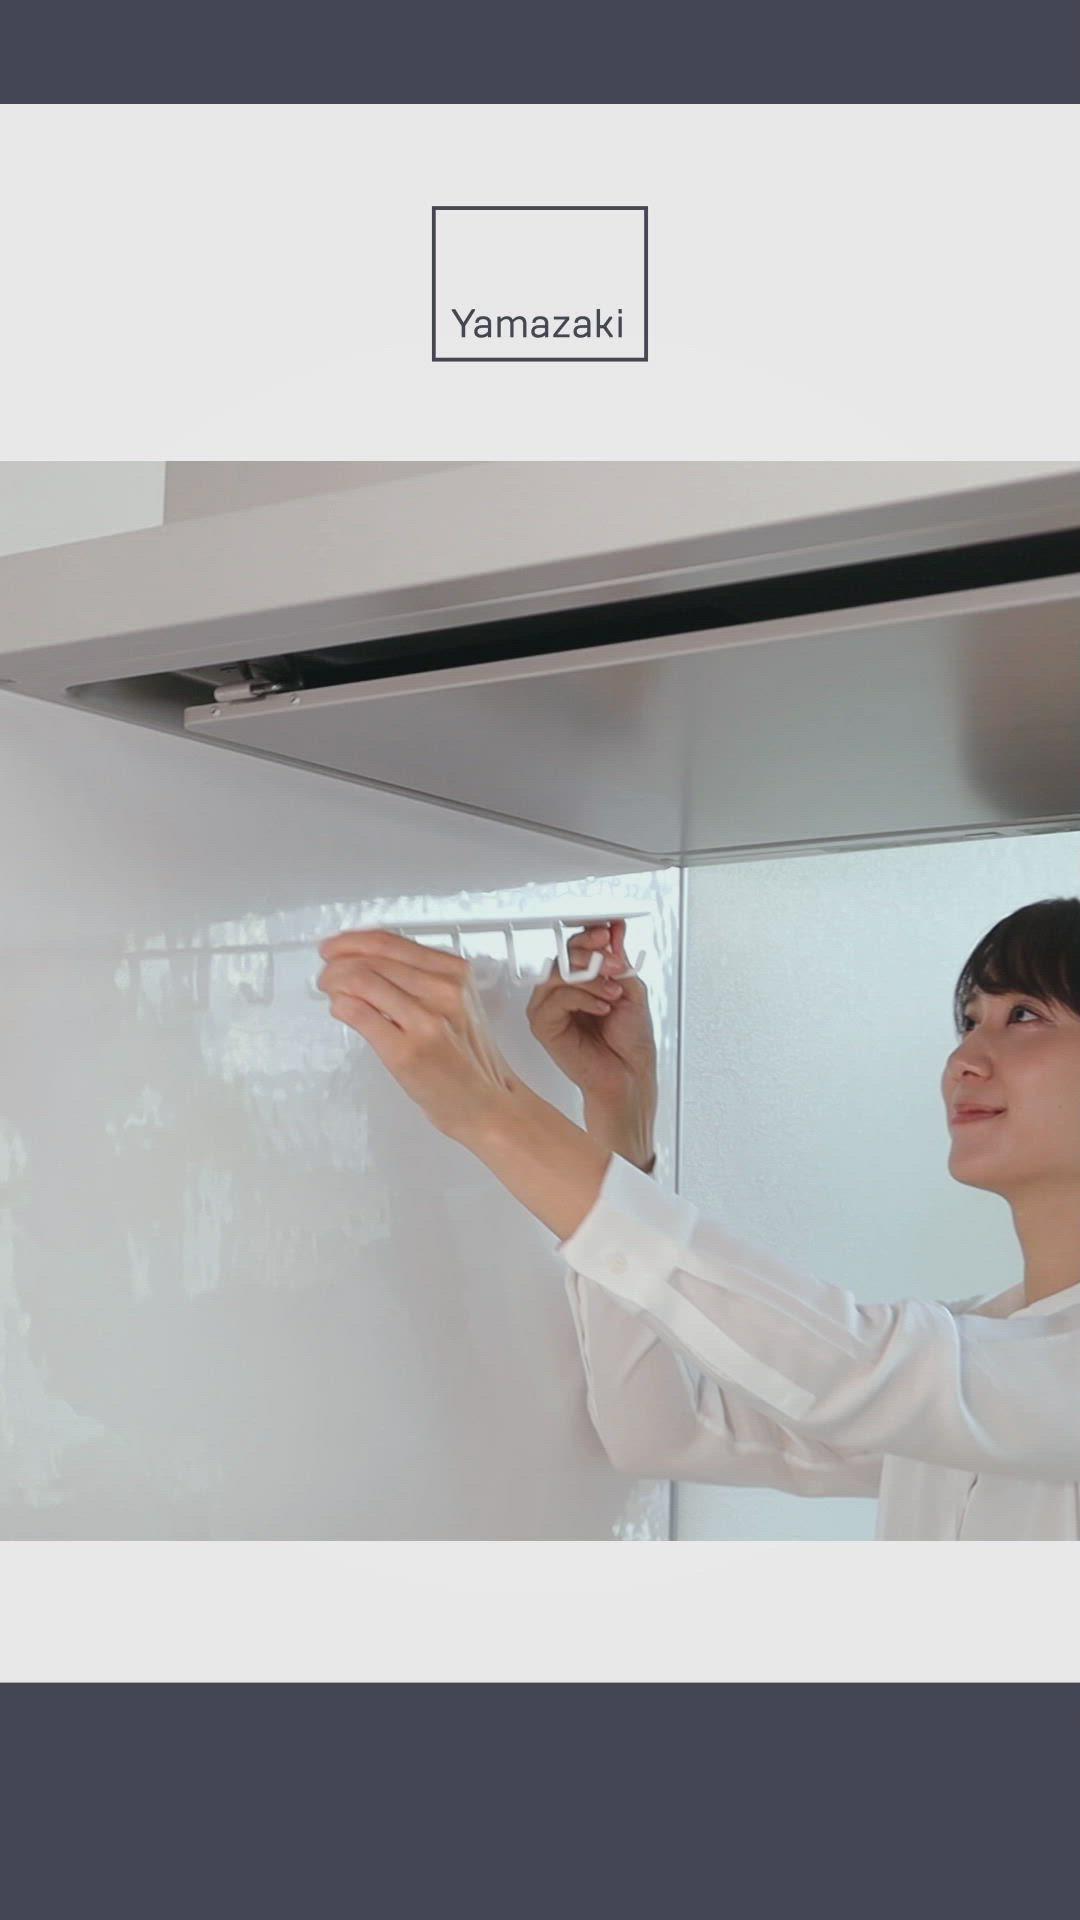 マグネットレンジフードフック タワー 動画 インテリア 家具 インテリア 収納 住宅設計プラン